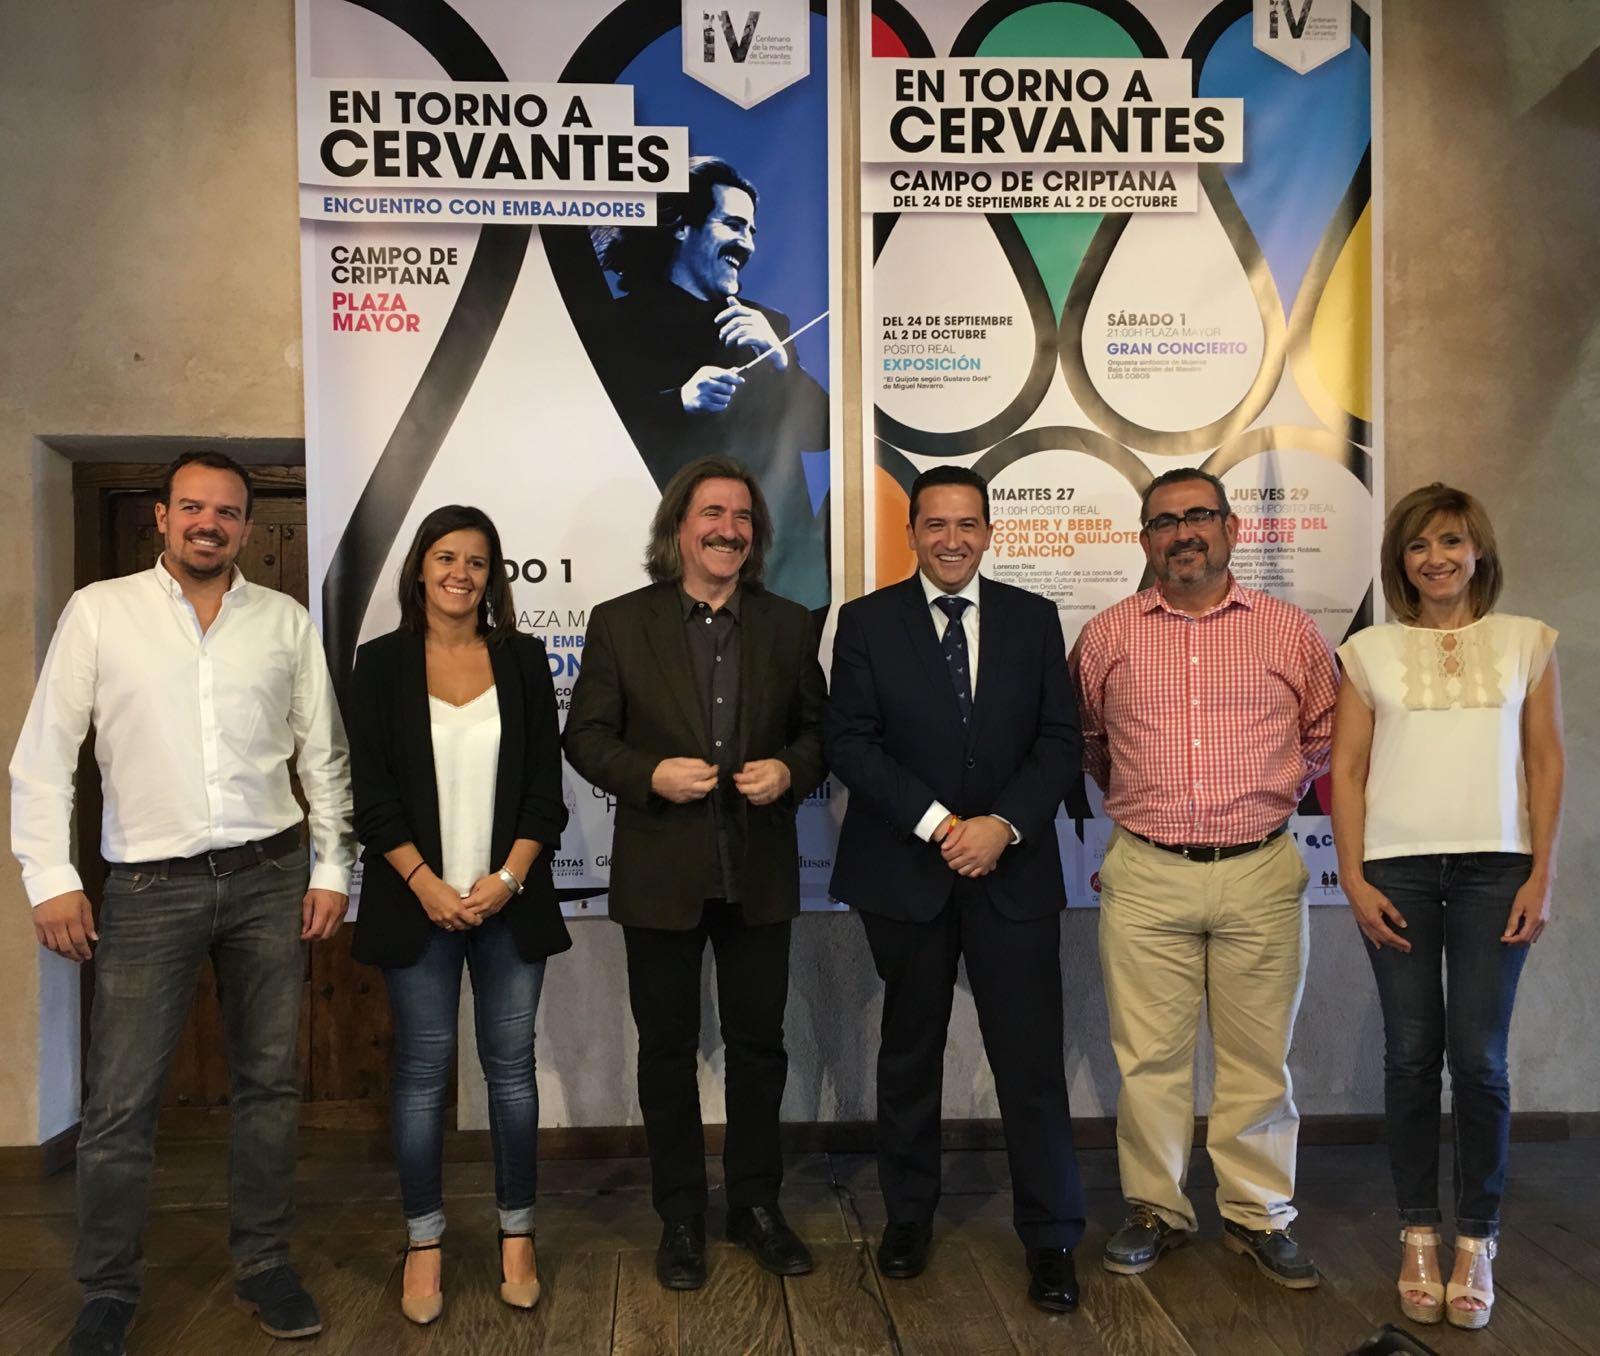 Mujer, Campo de Criptana y Cervantes protagonizan los actos de clausura del IV Centenario